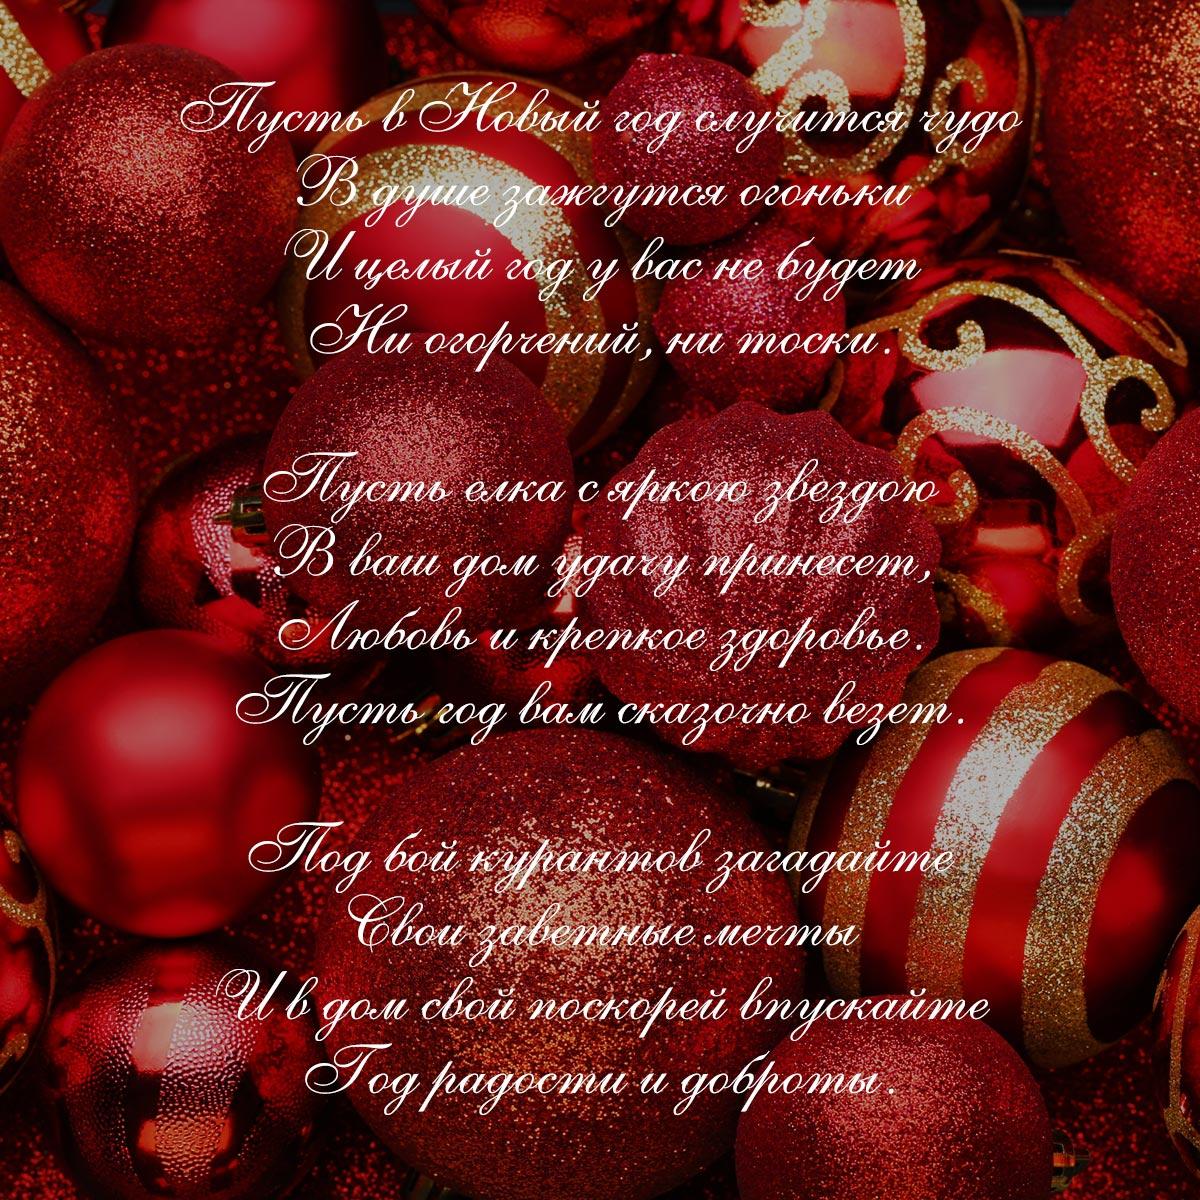 Картинка с красными рождественскими украшениями и пожелание на новый год в стихах каллиграфически шрифтом.